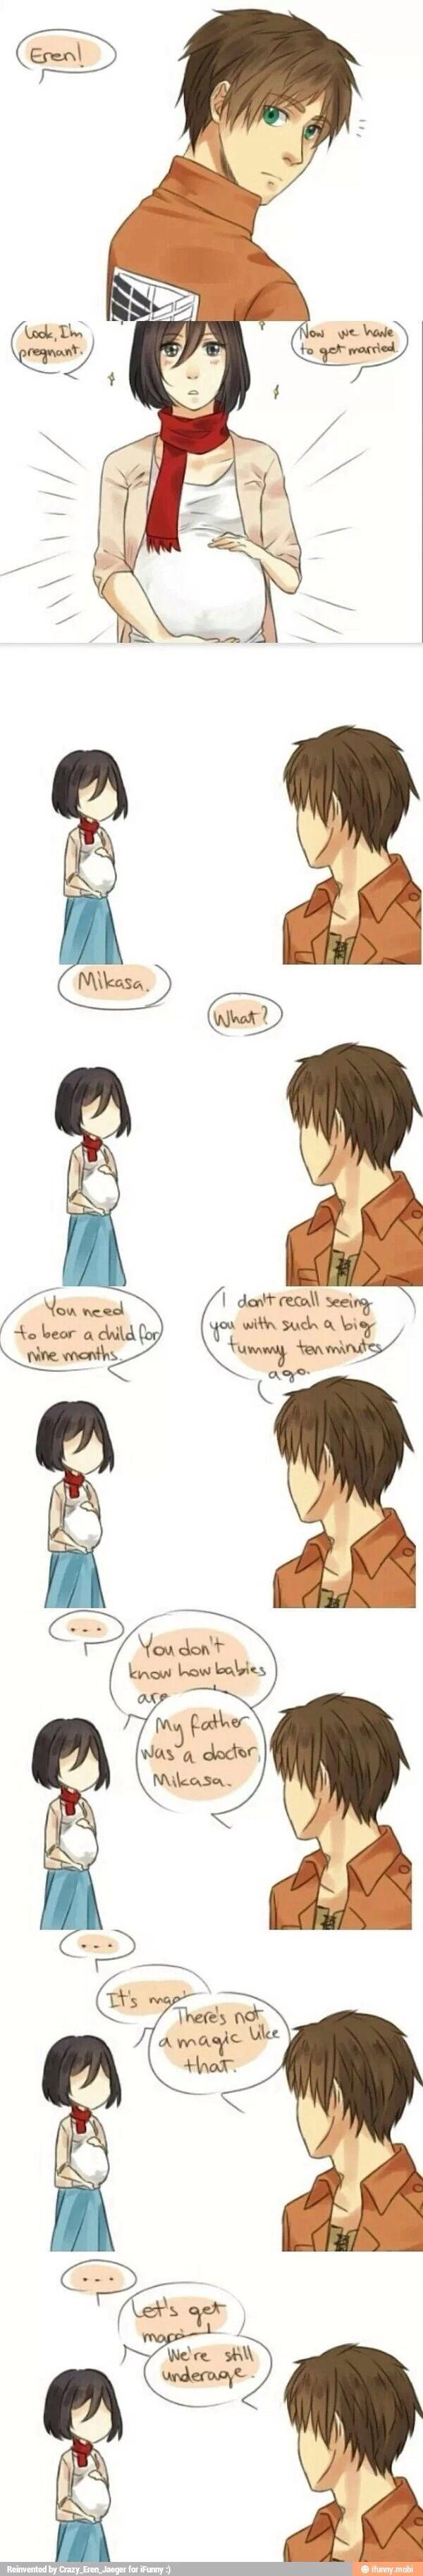 Attack on Titan! || Eren and Mikasa #AOT